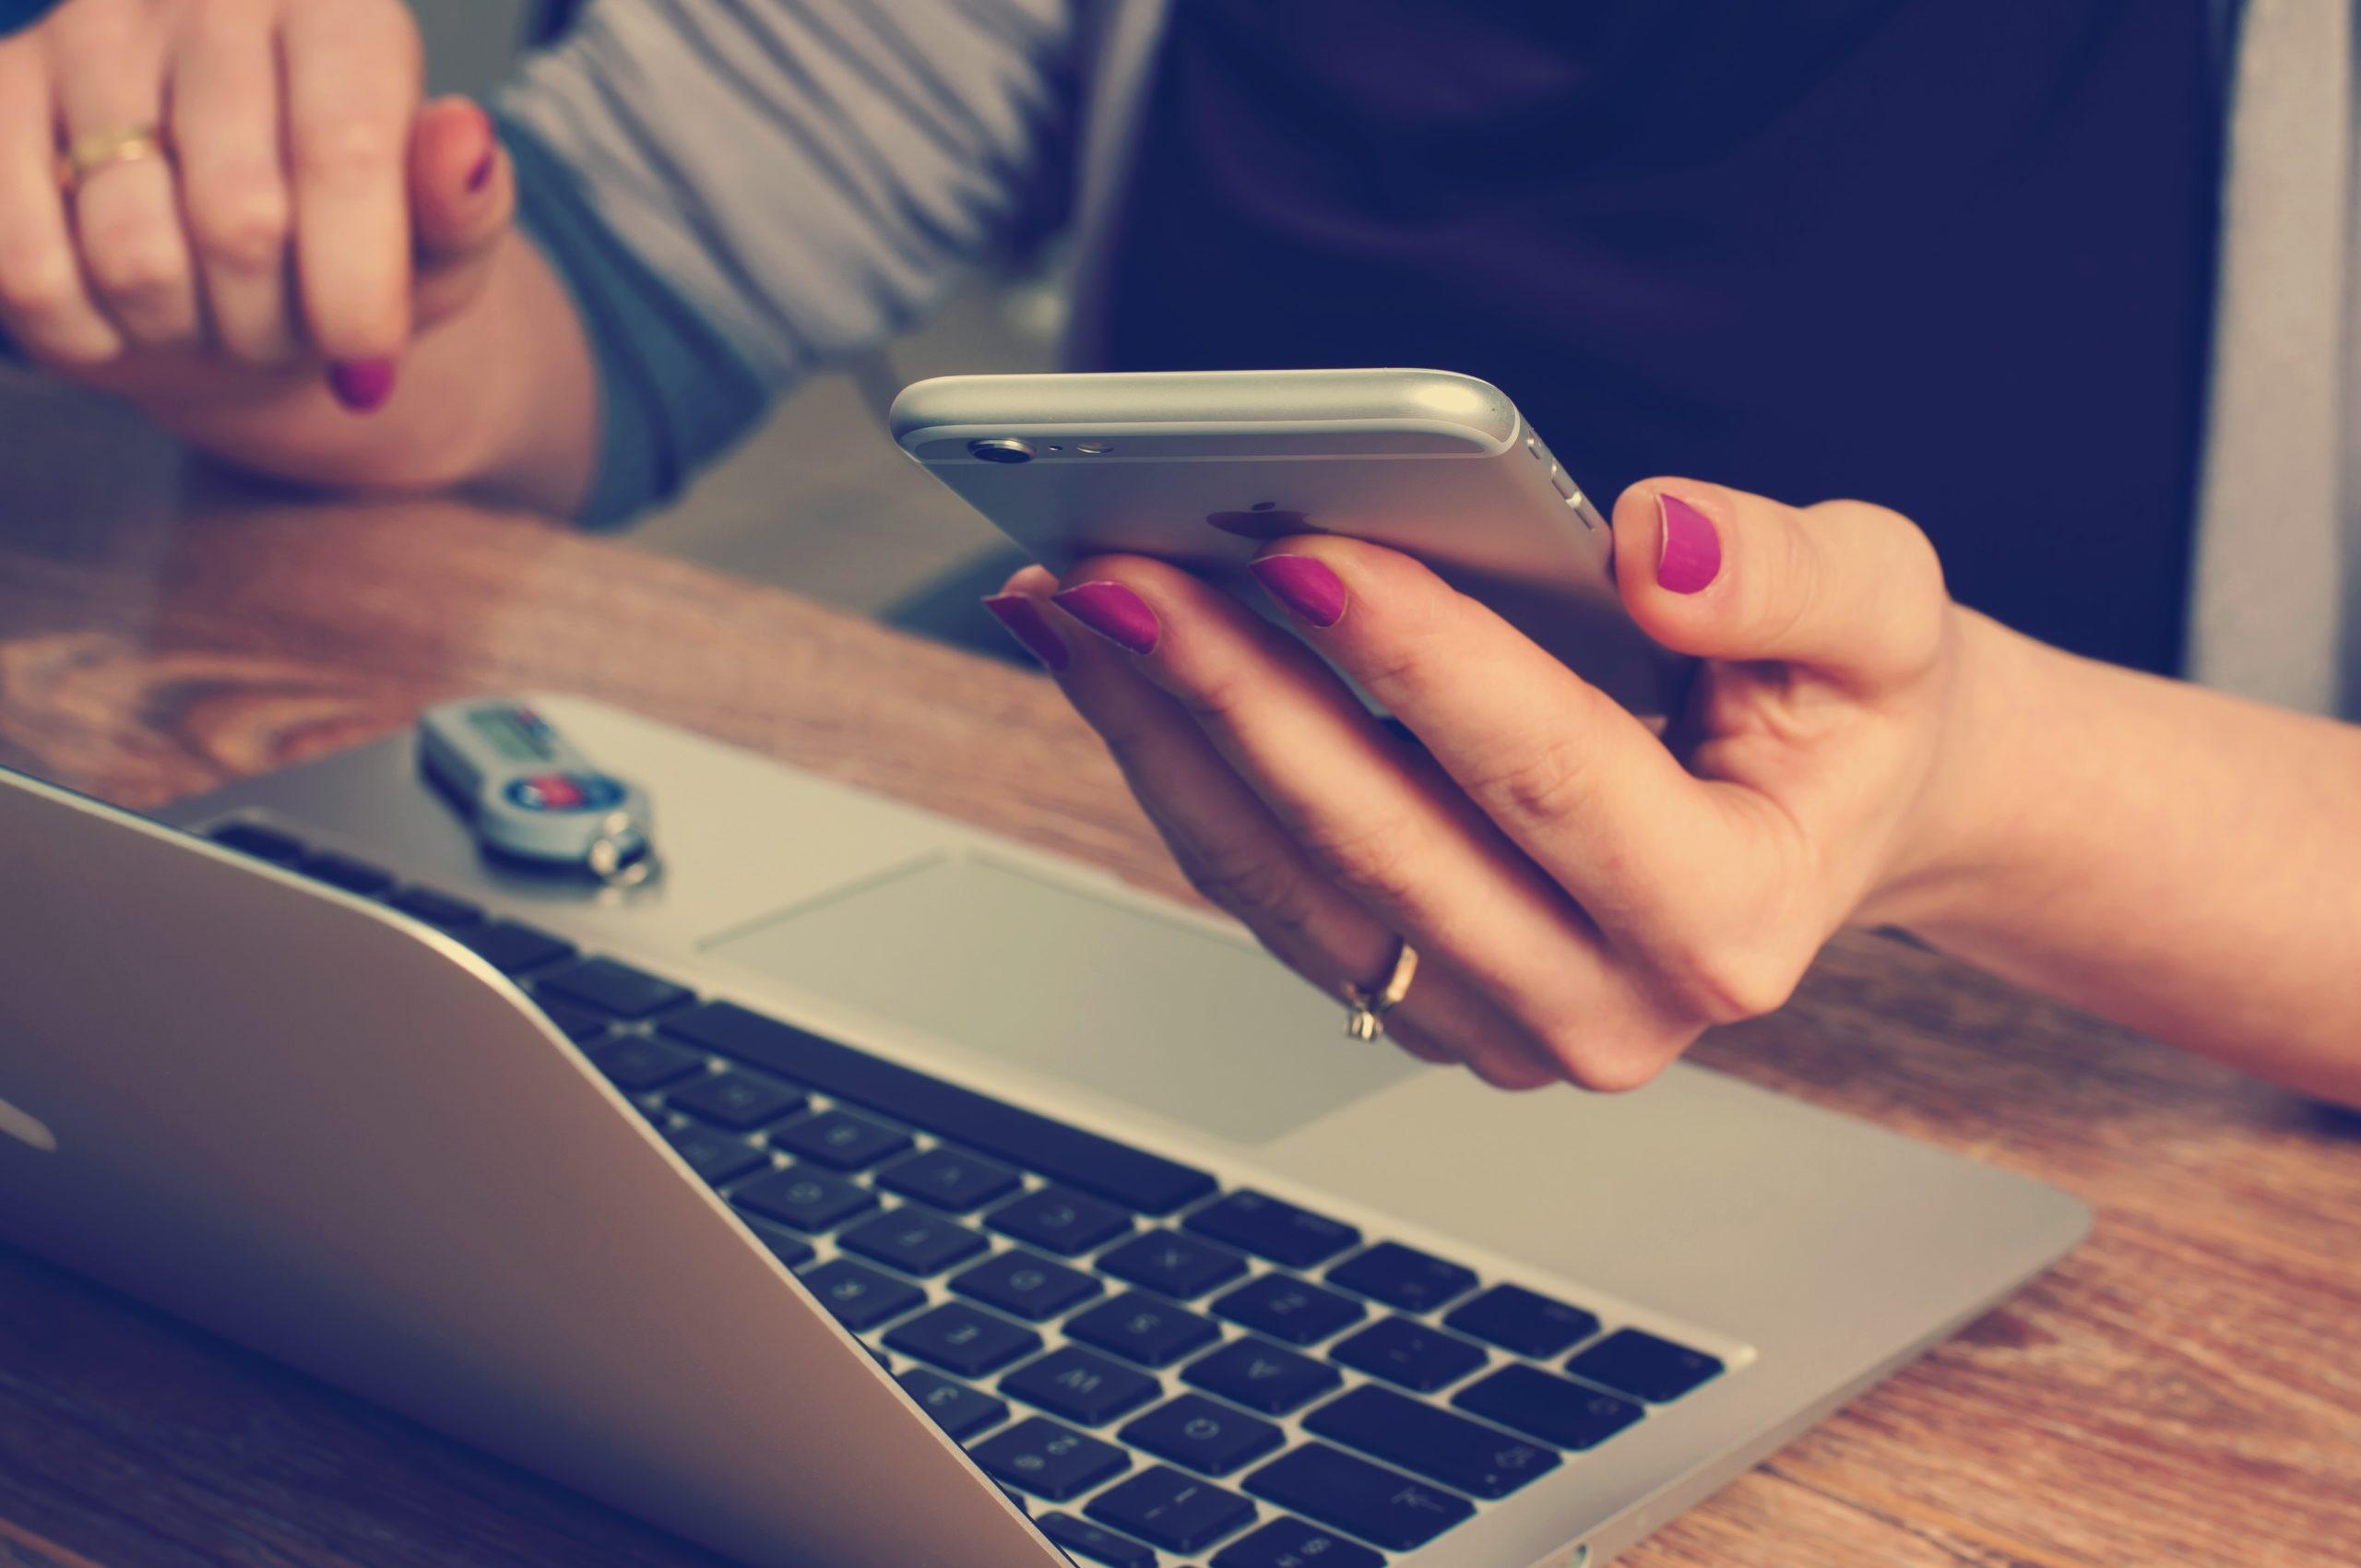 Aprueban en lo general la Ley Olimpia, contra violencia digital en mujeres